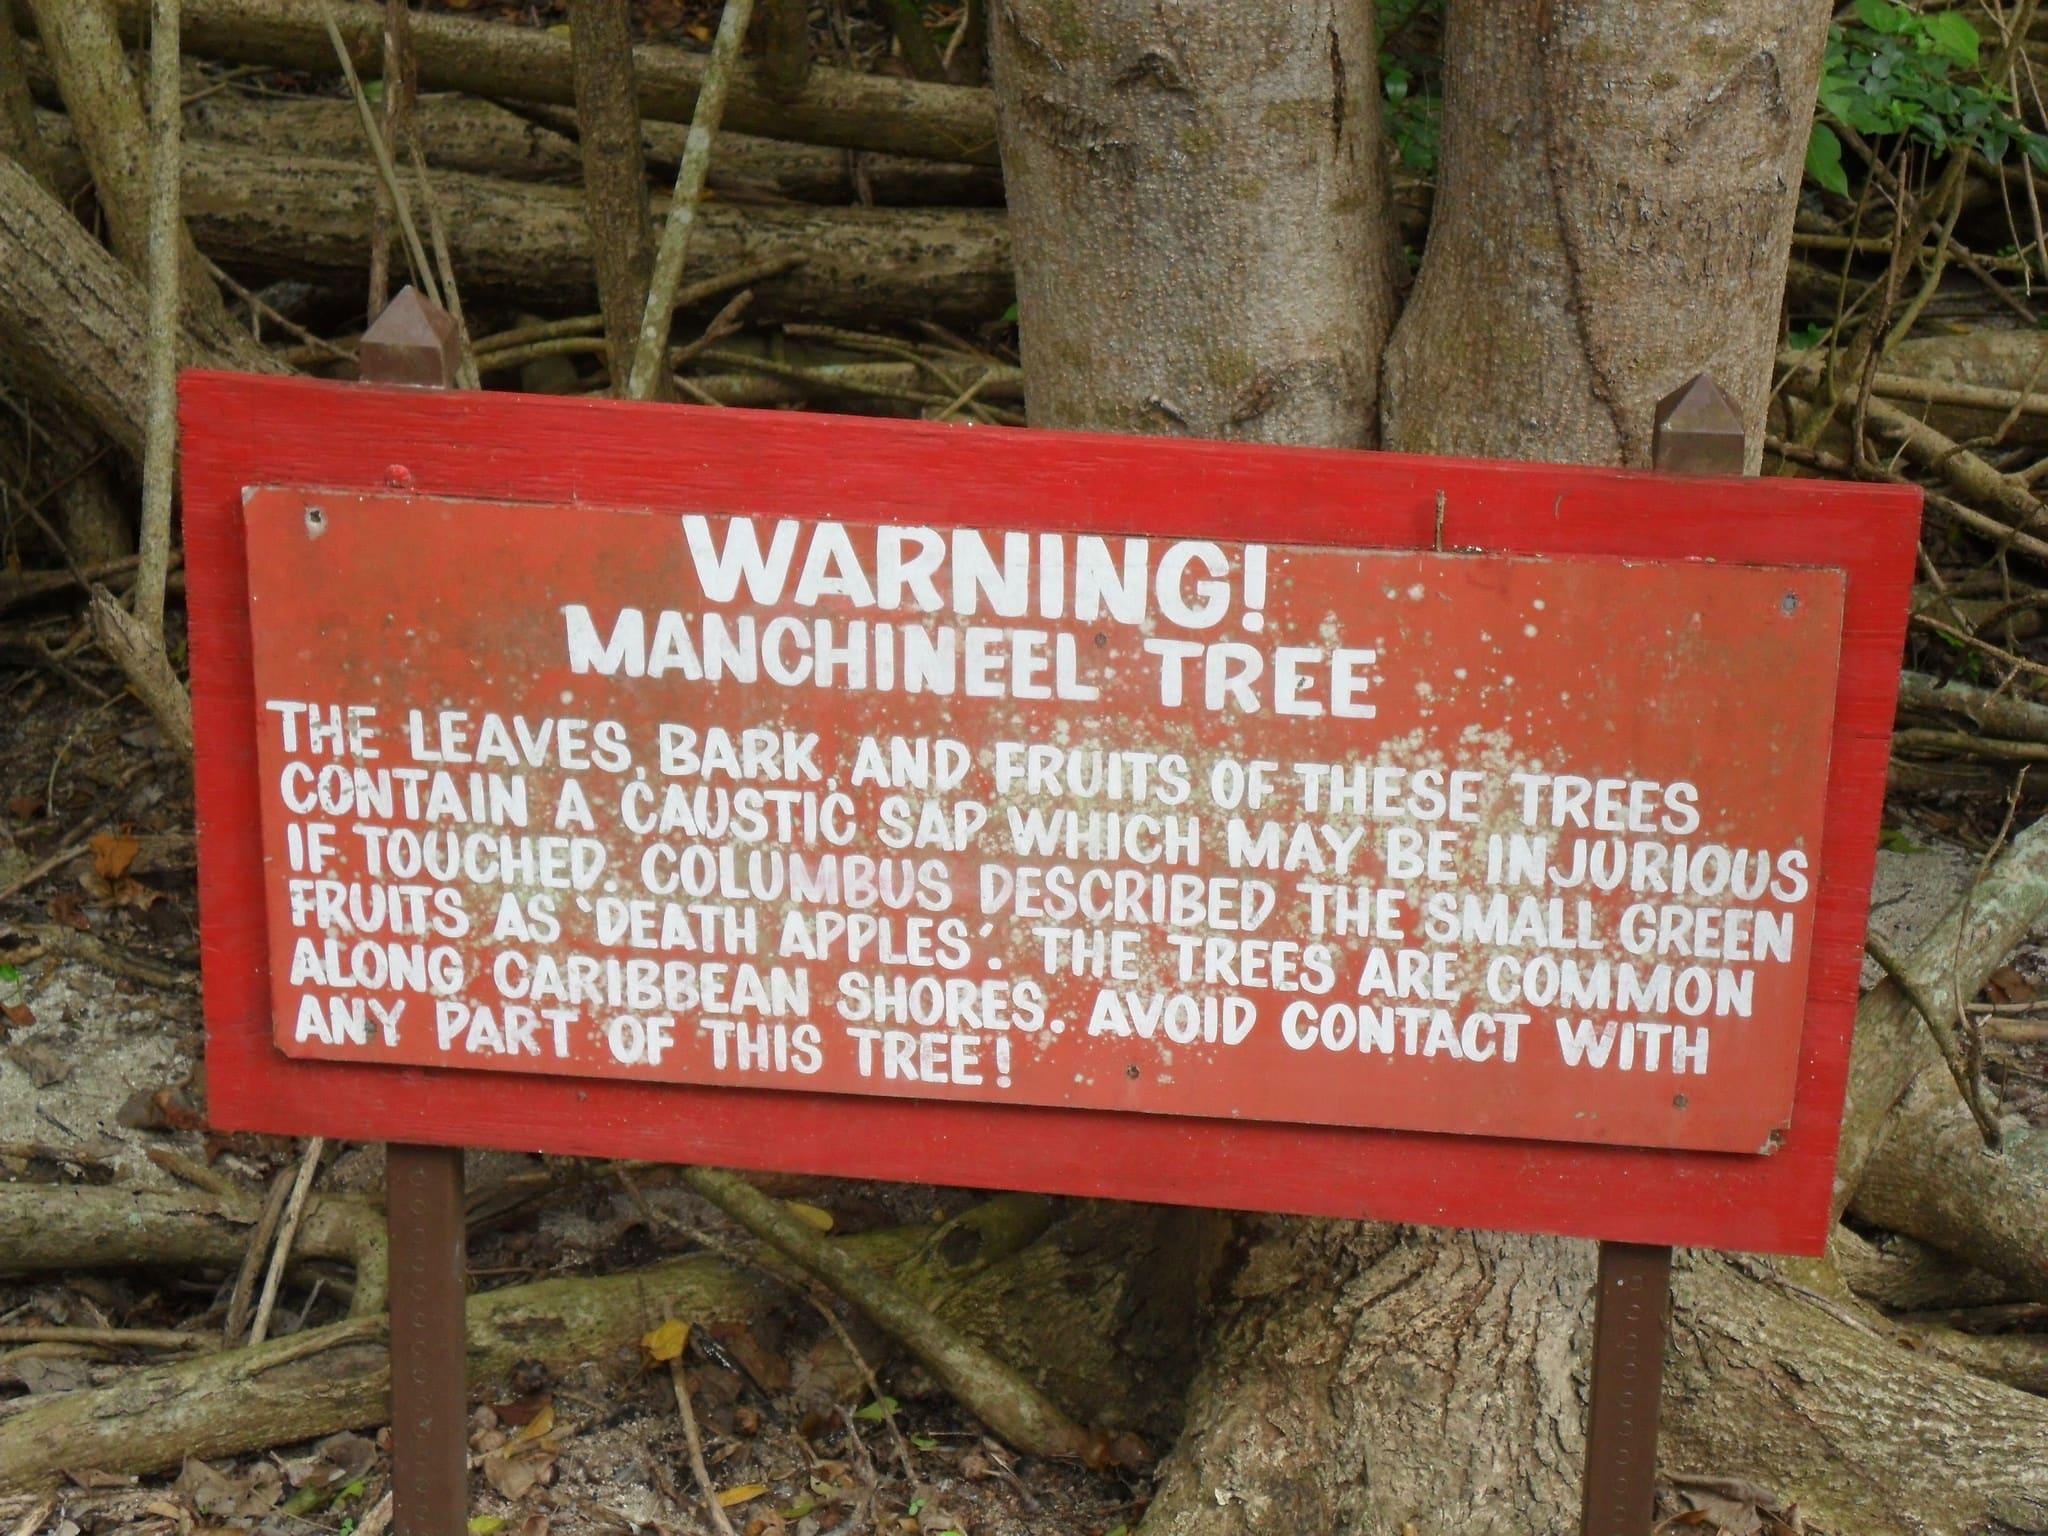 マンチニールの木の毒性は強い?日本には生息してるの?